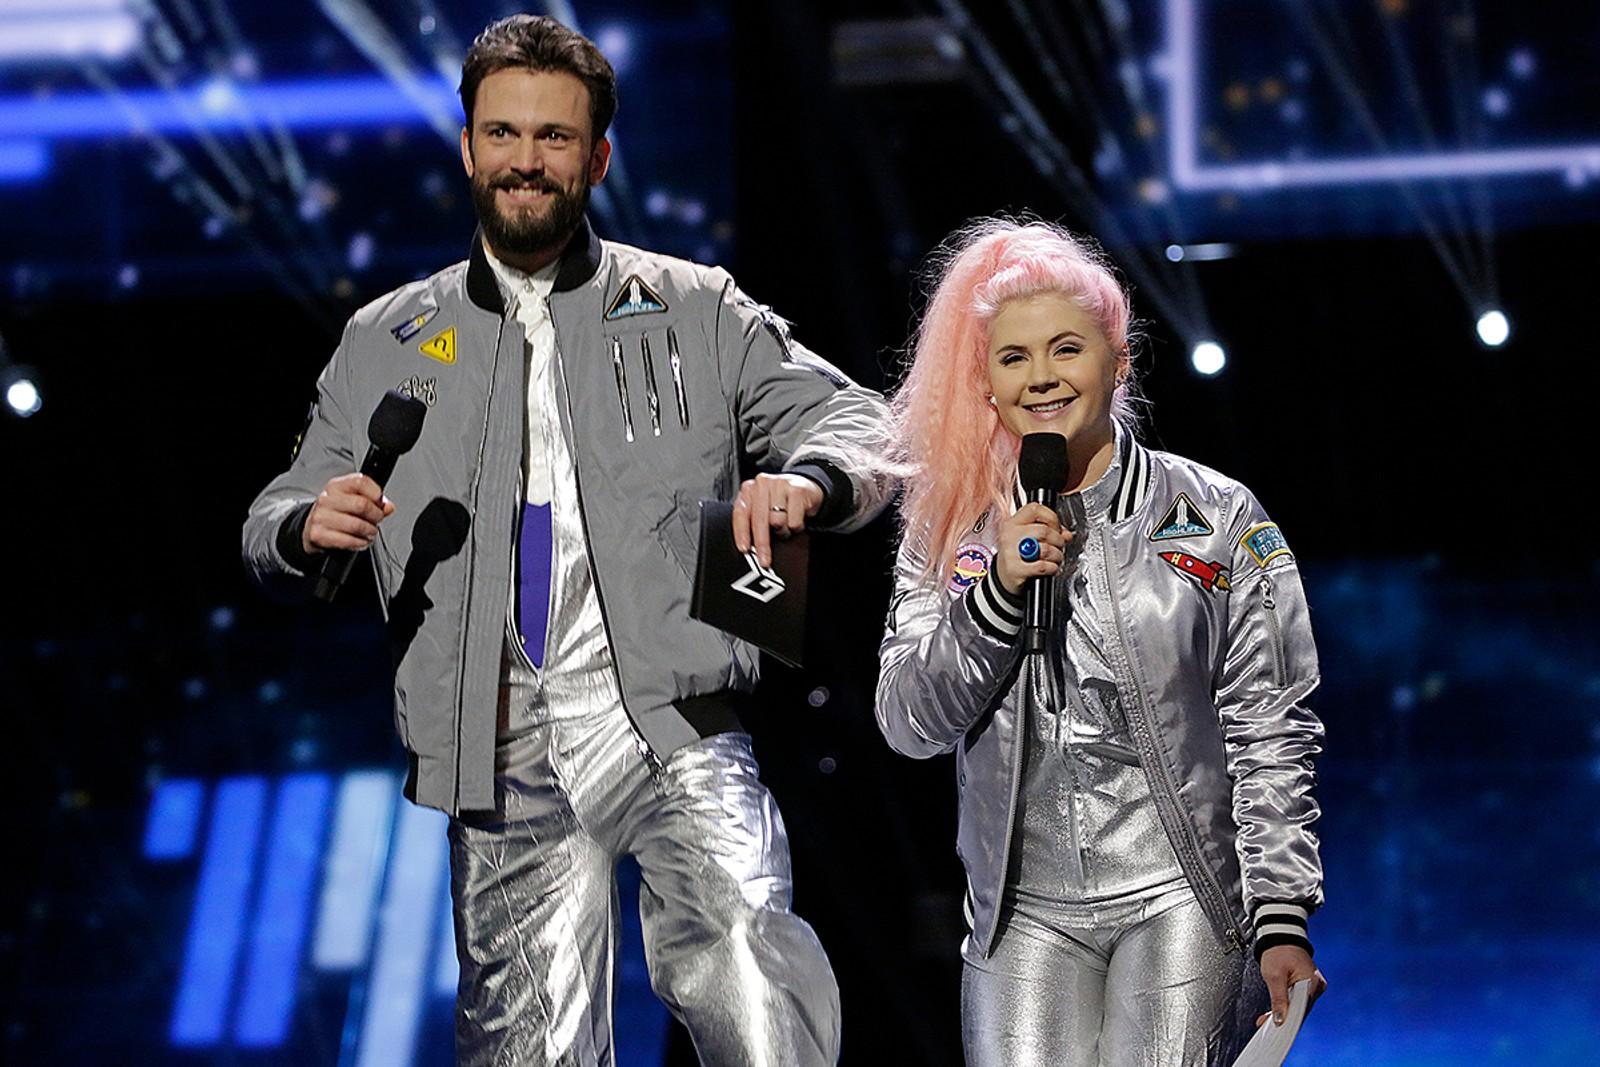 Programlederne Kåre Magnus Bergh og Line Elvsåshagen ledet showet med glans.